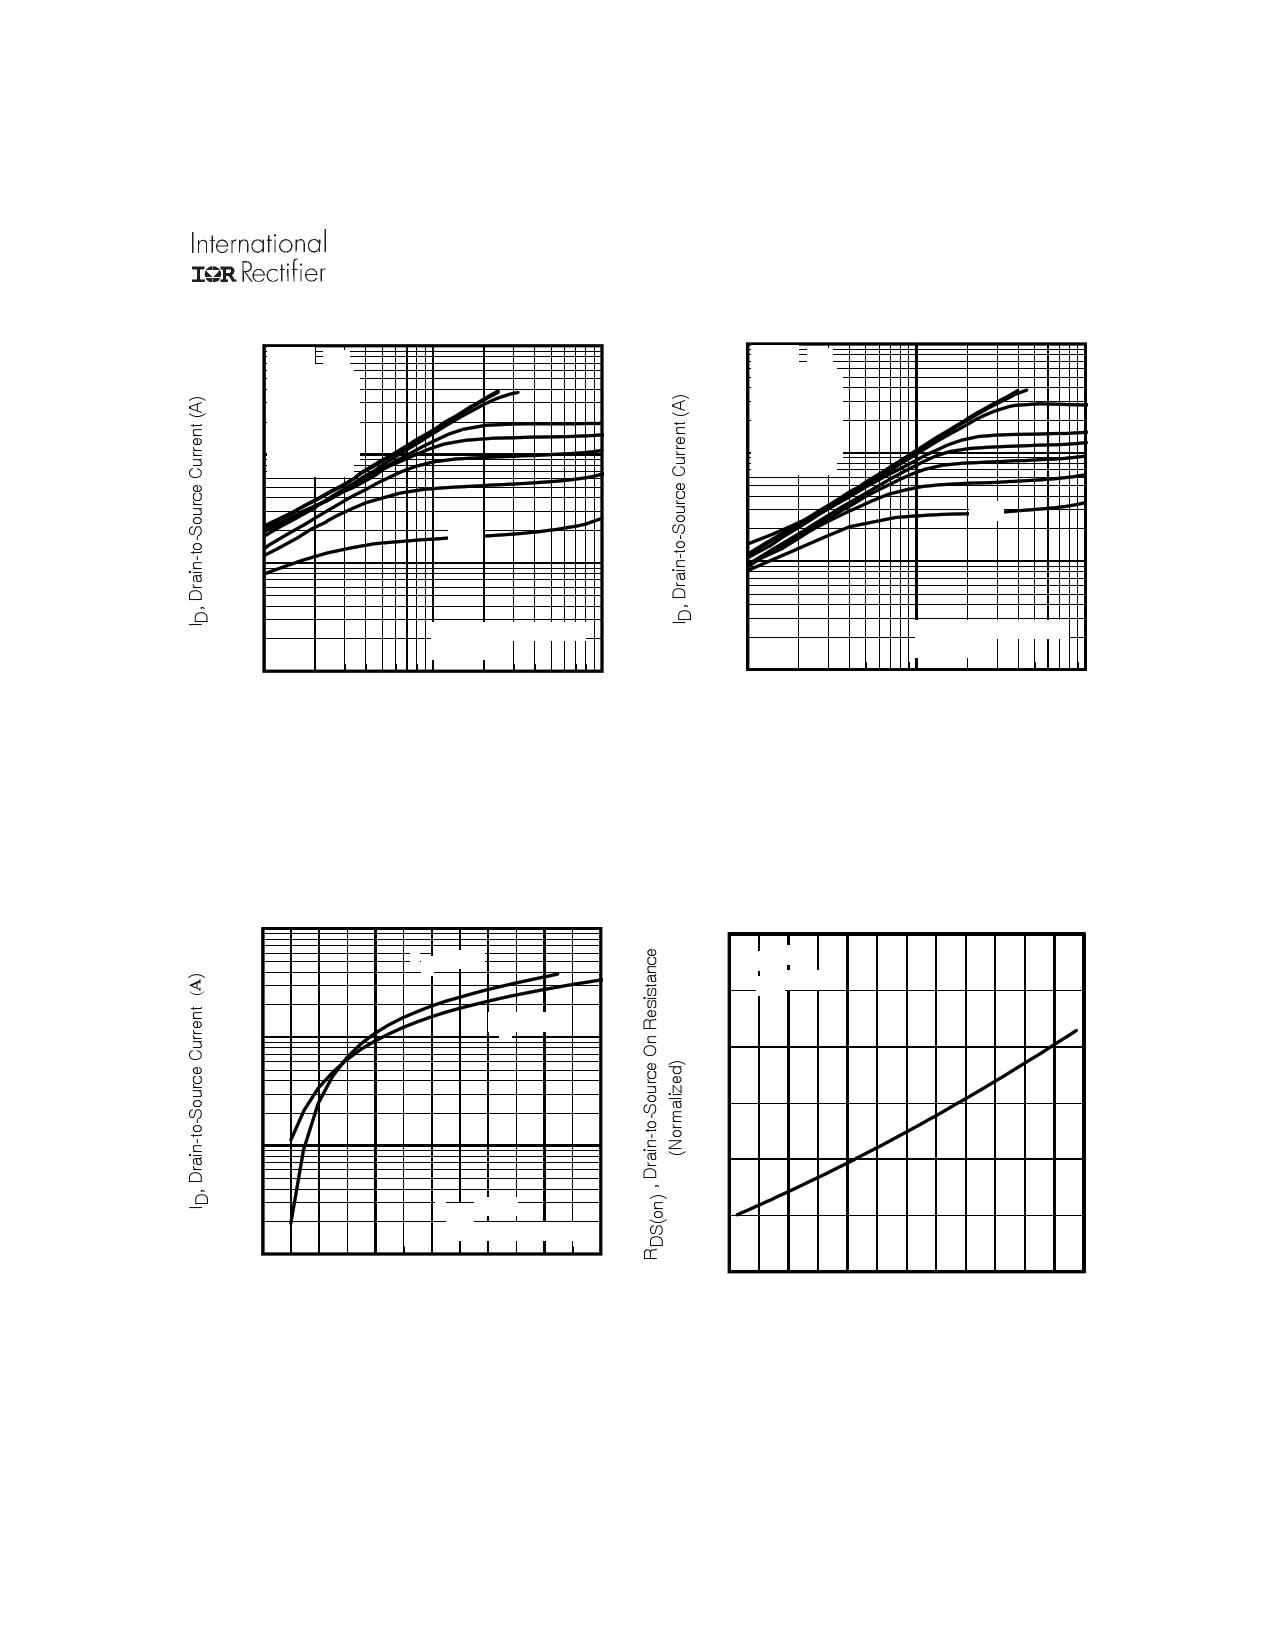 IRF3711ZLPbF pdf, ピン配列